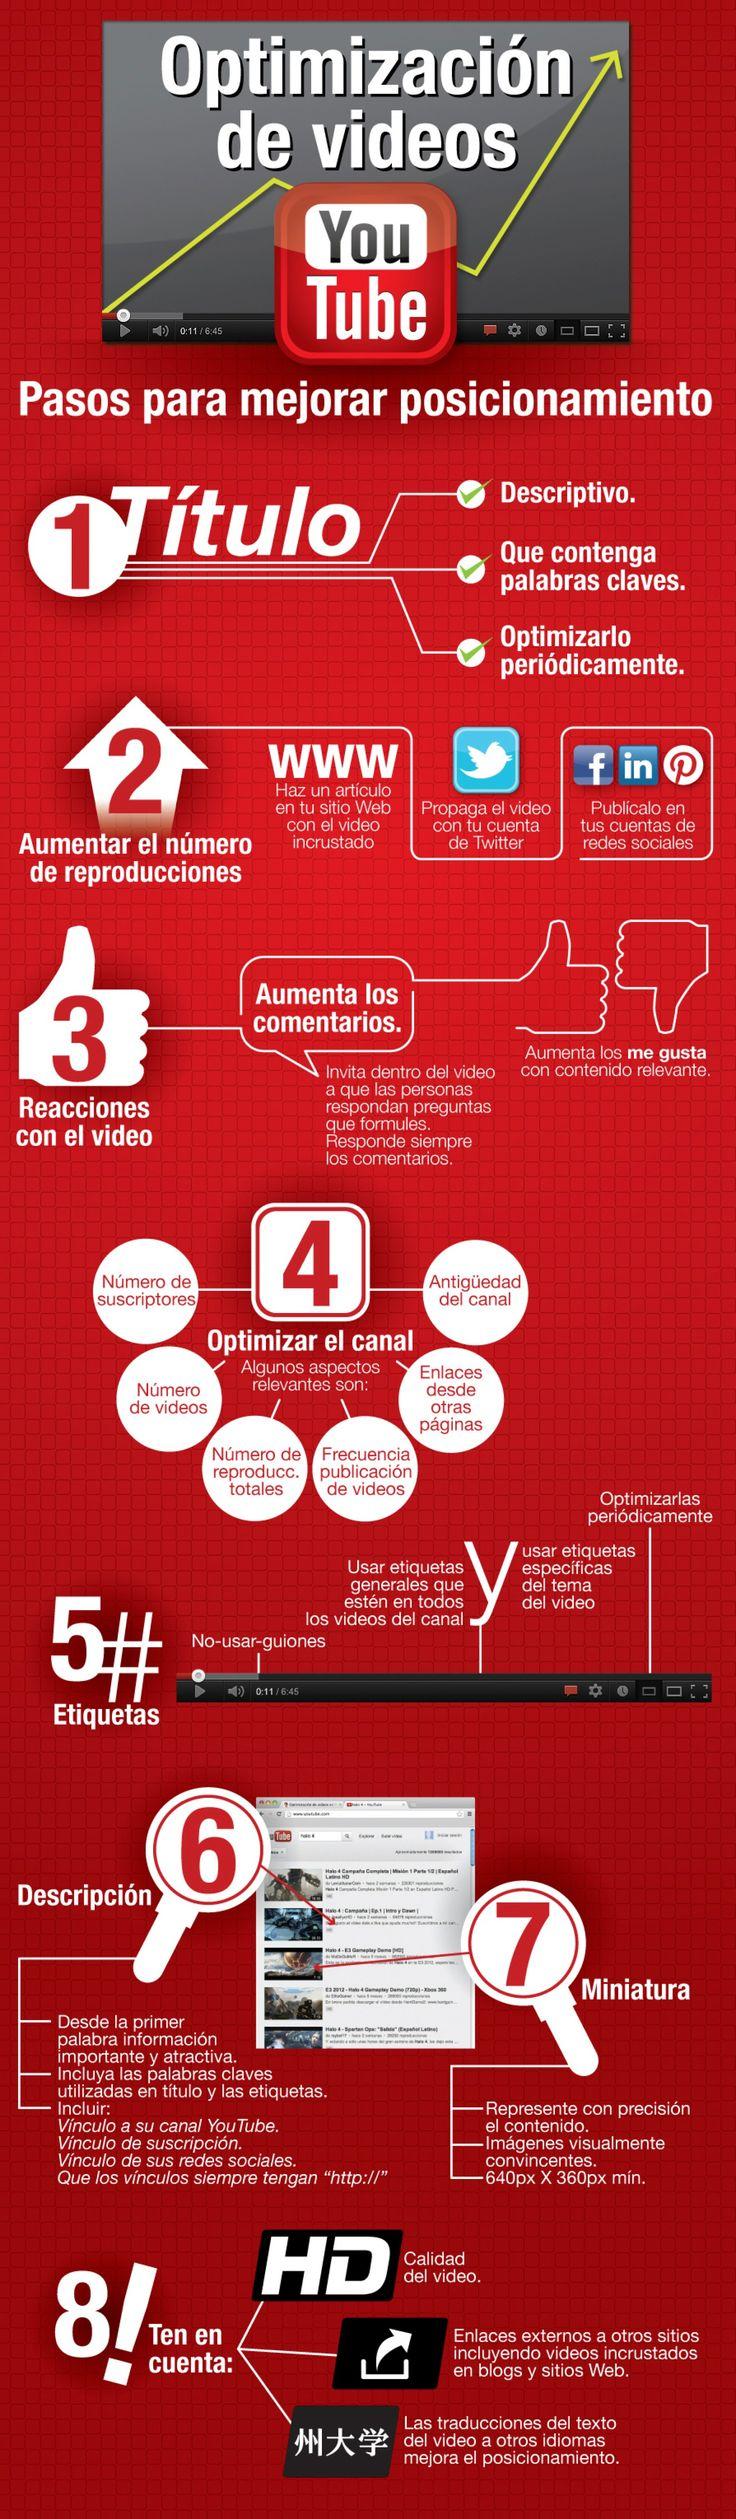 Optimización de Videos en YouTube